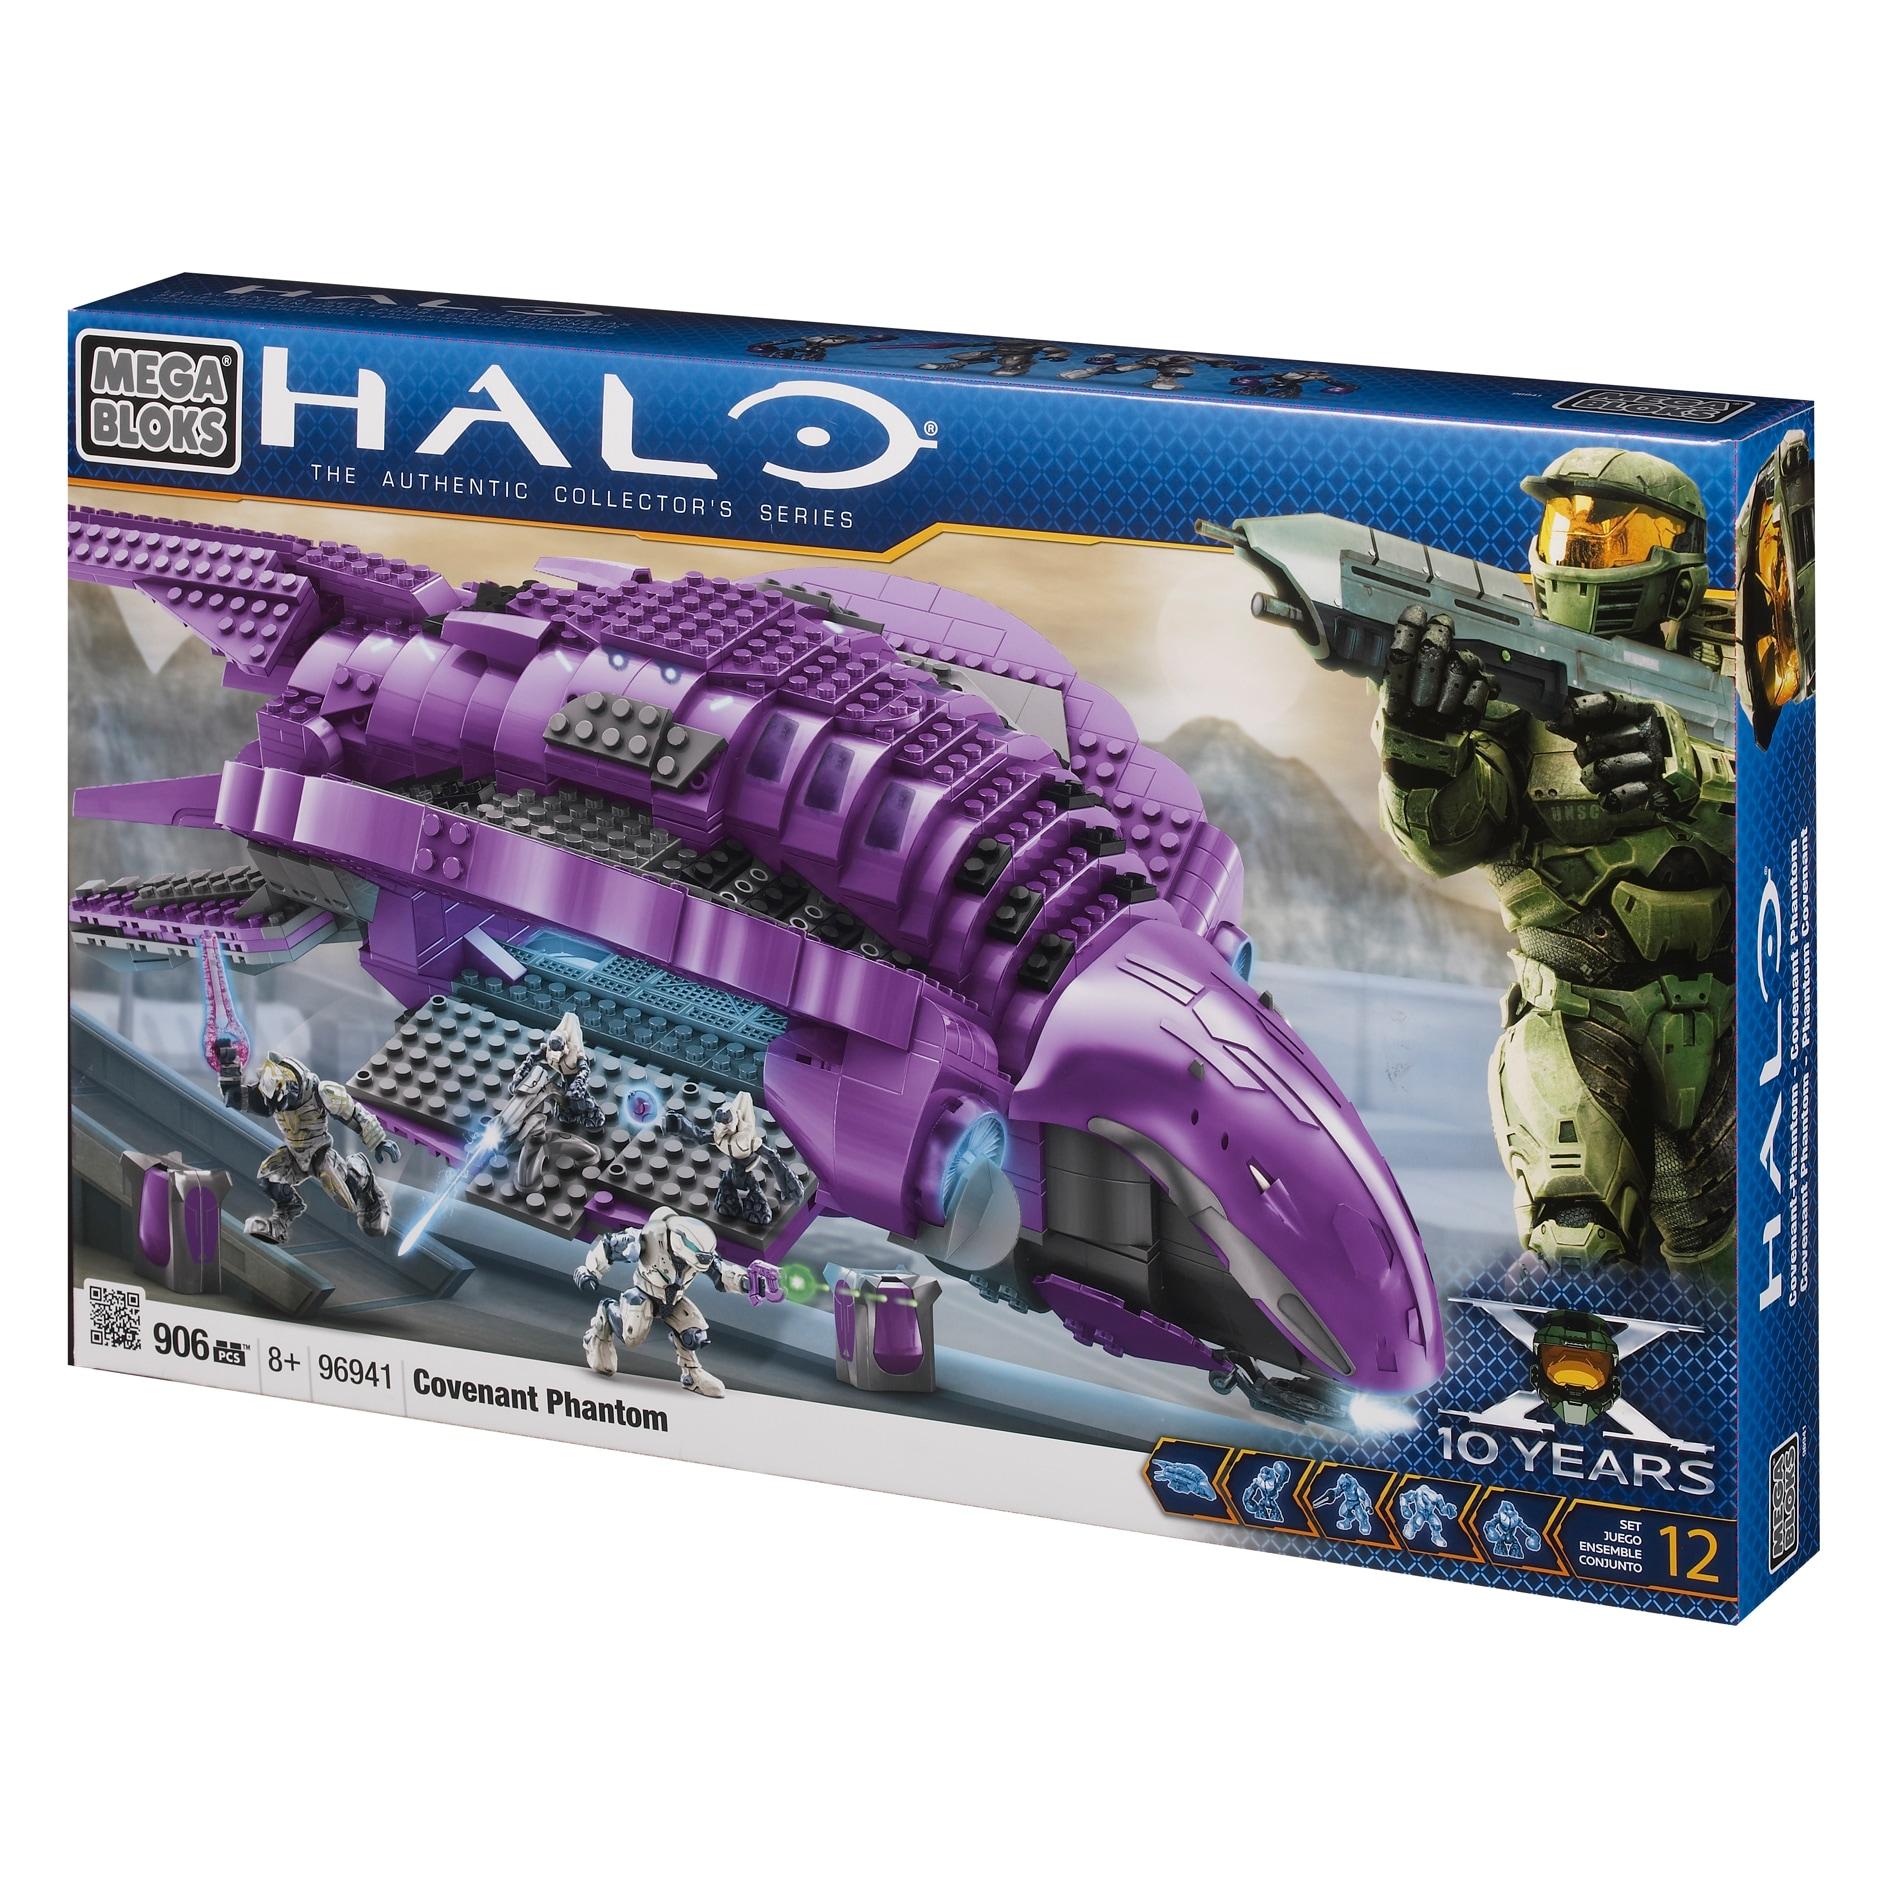 Mega Bloks Halo Covenant Phantom Play Set